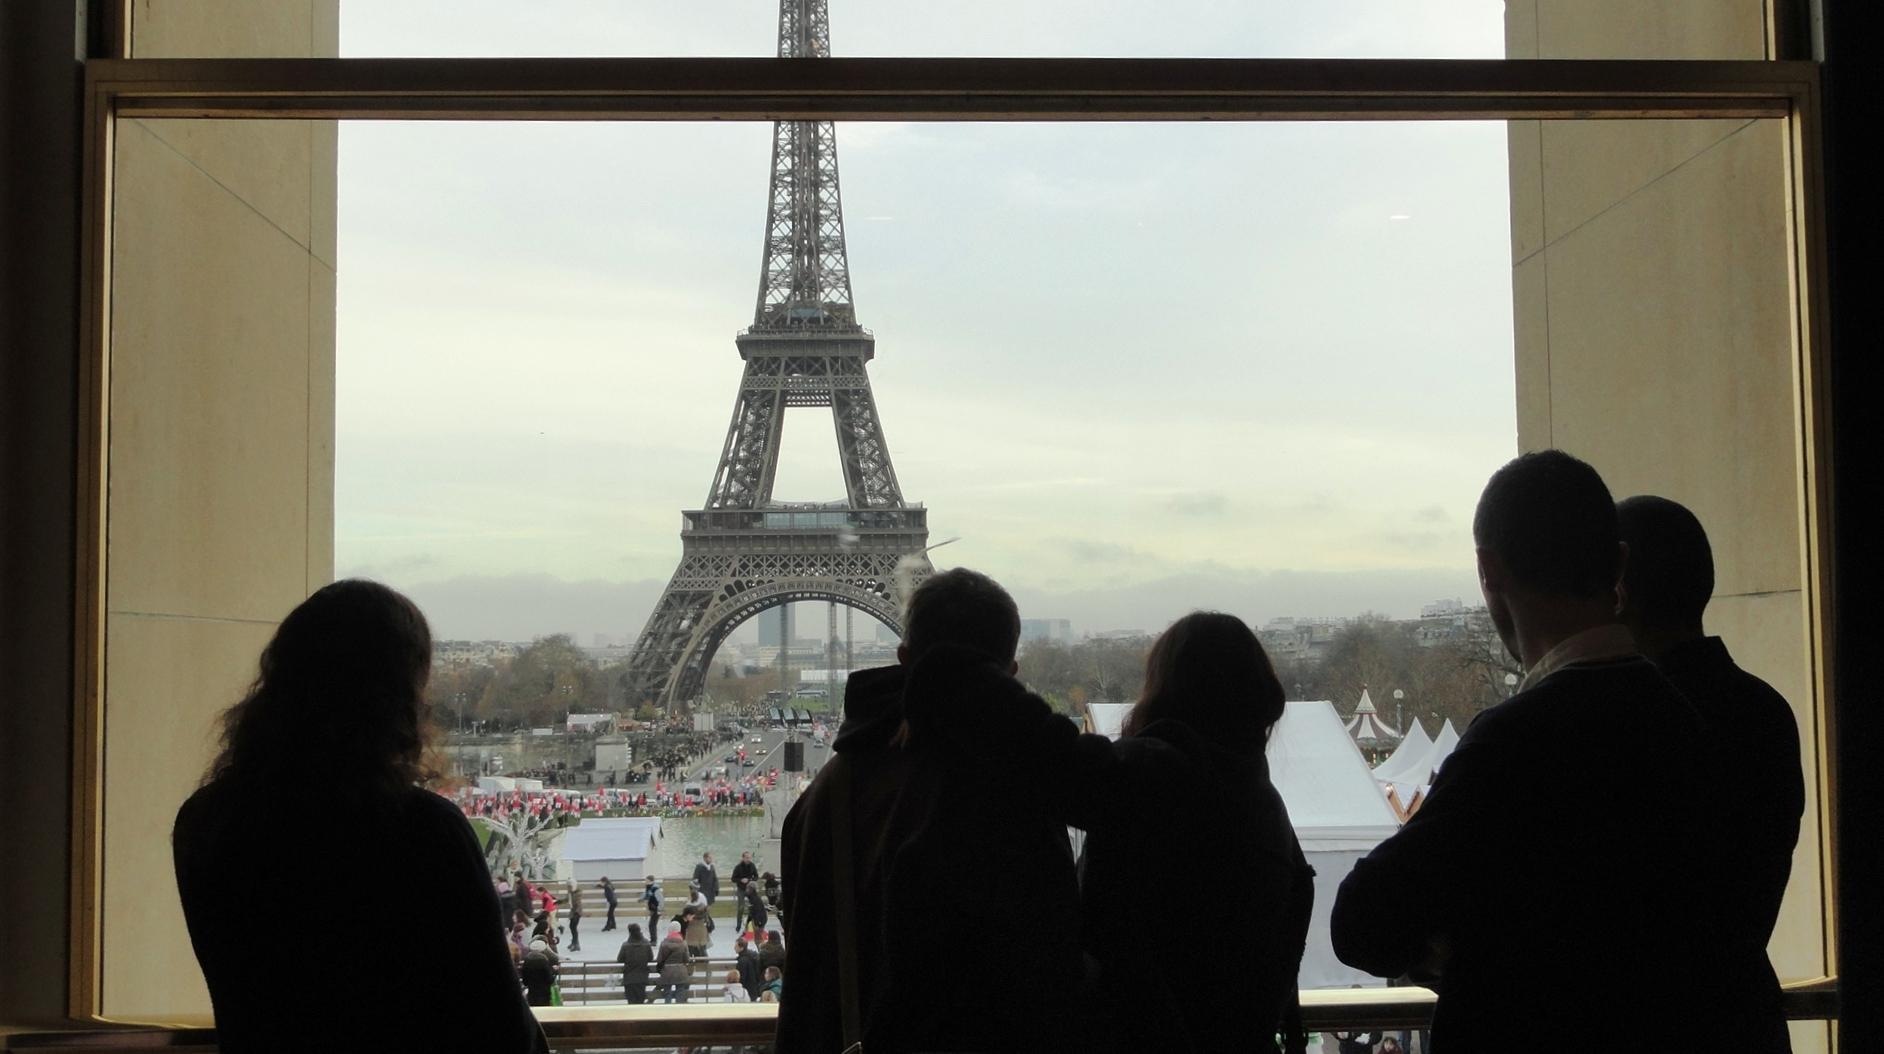 Théâtre de Chaillot - Art Déco - Foyer, vue sur la Tour Eiffel